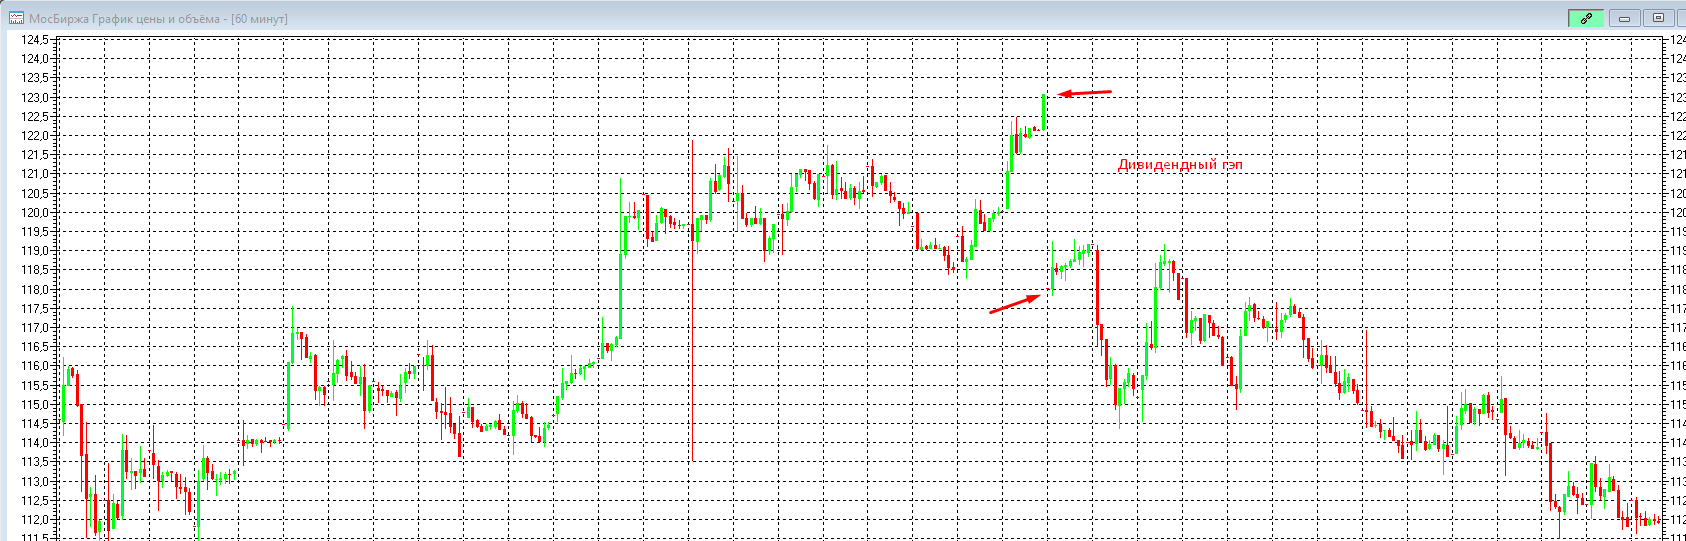 Дивидендный гэп по акции Московская биржа.